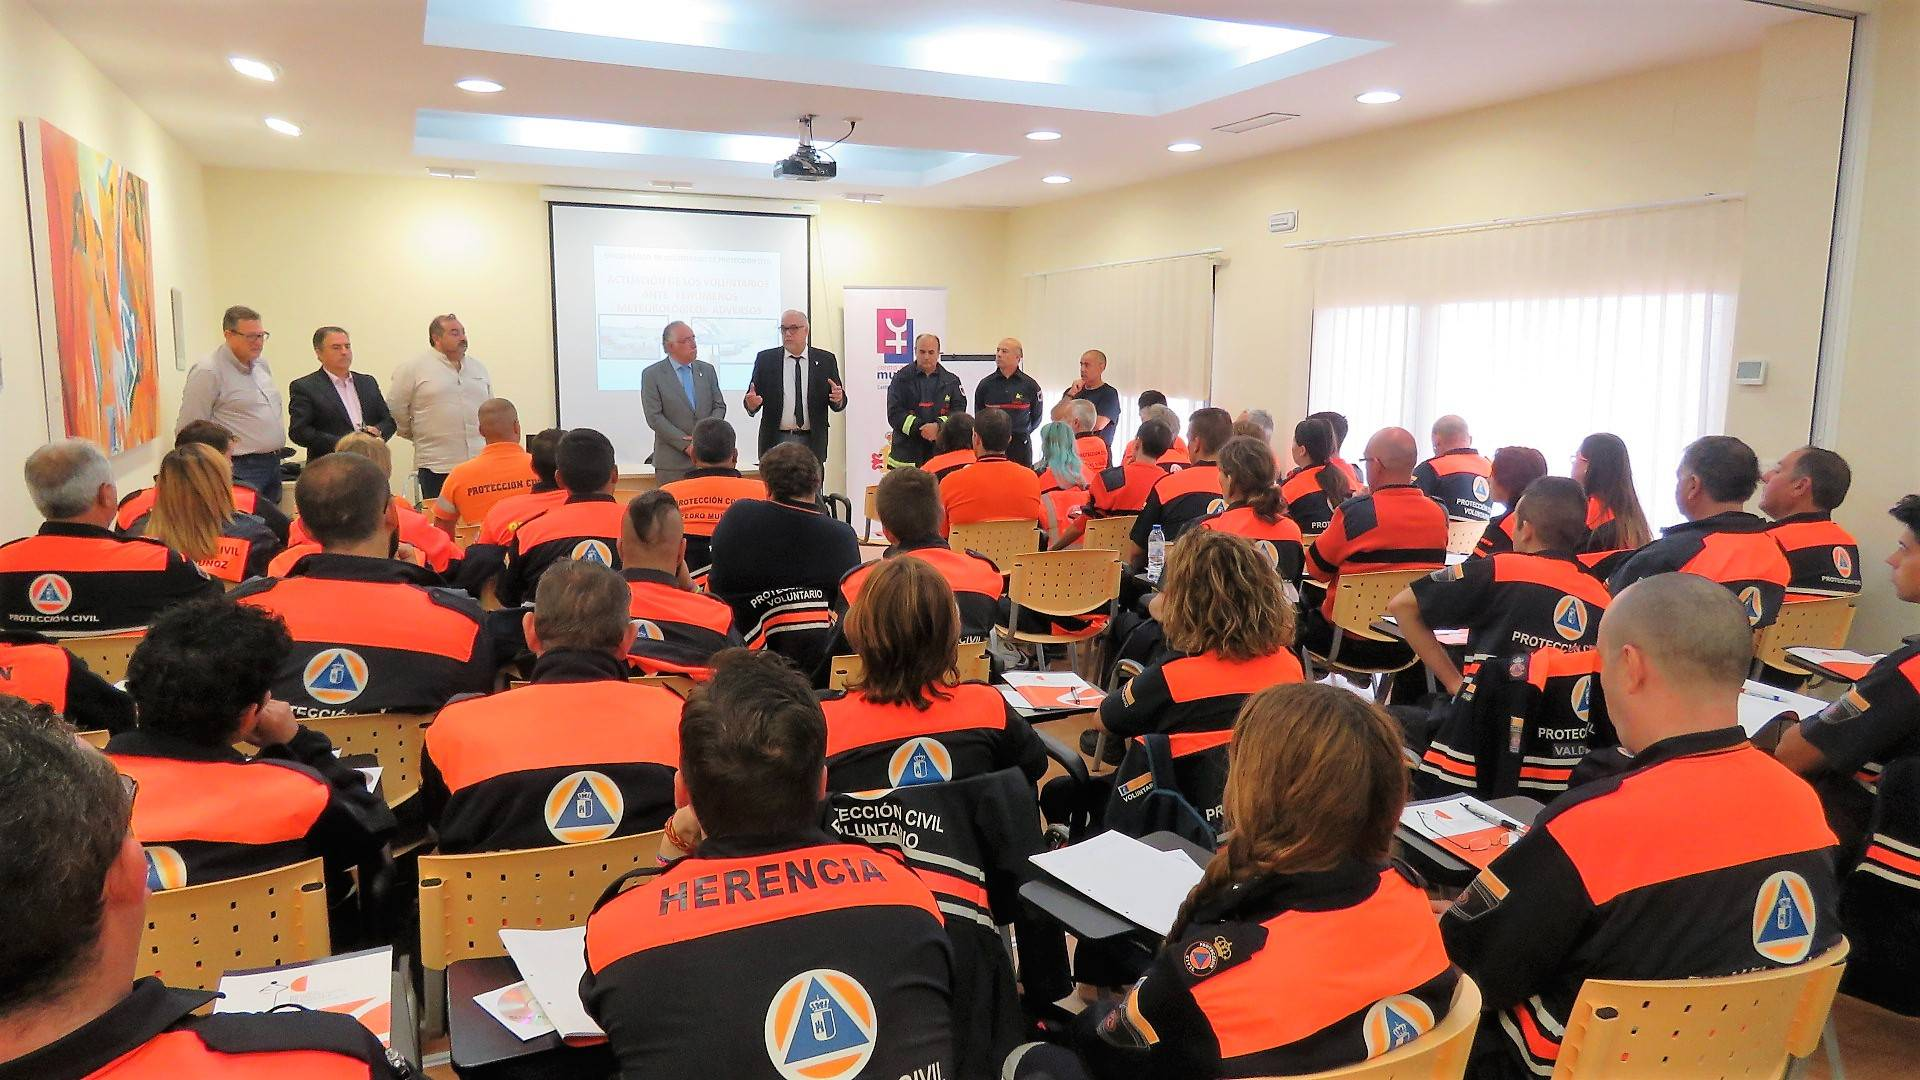 En Castilla-La Mancha hay 3.498 voluntarios de Protección Civil, repartidos en 225 agrupaciones 3